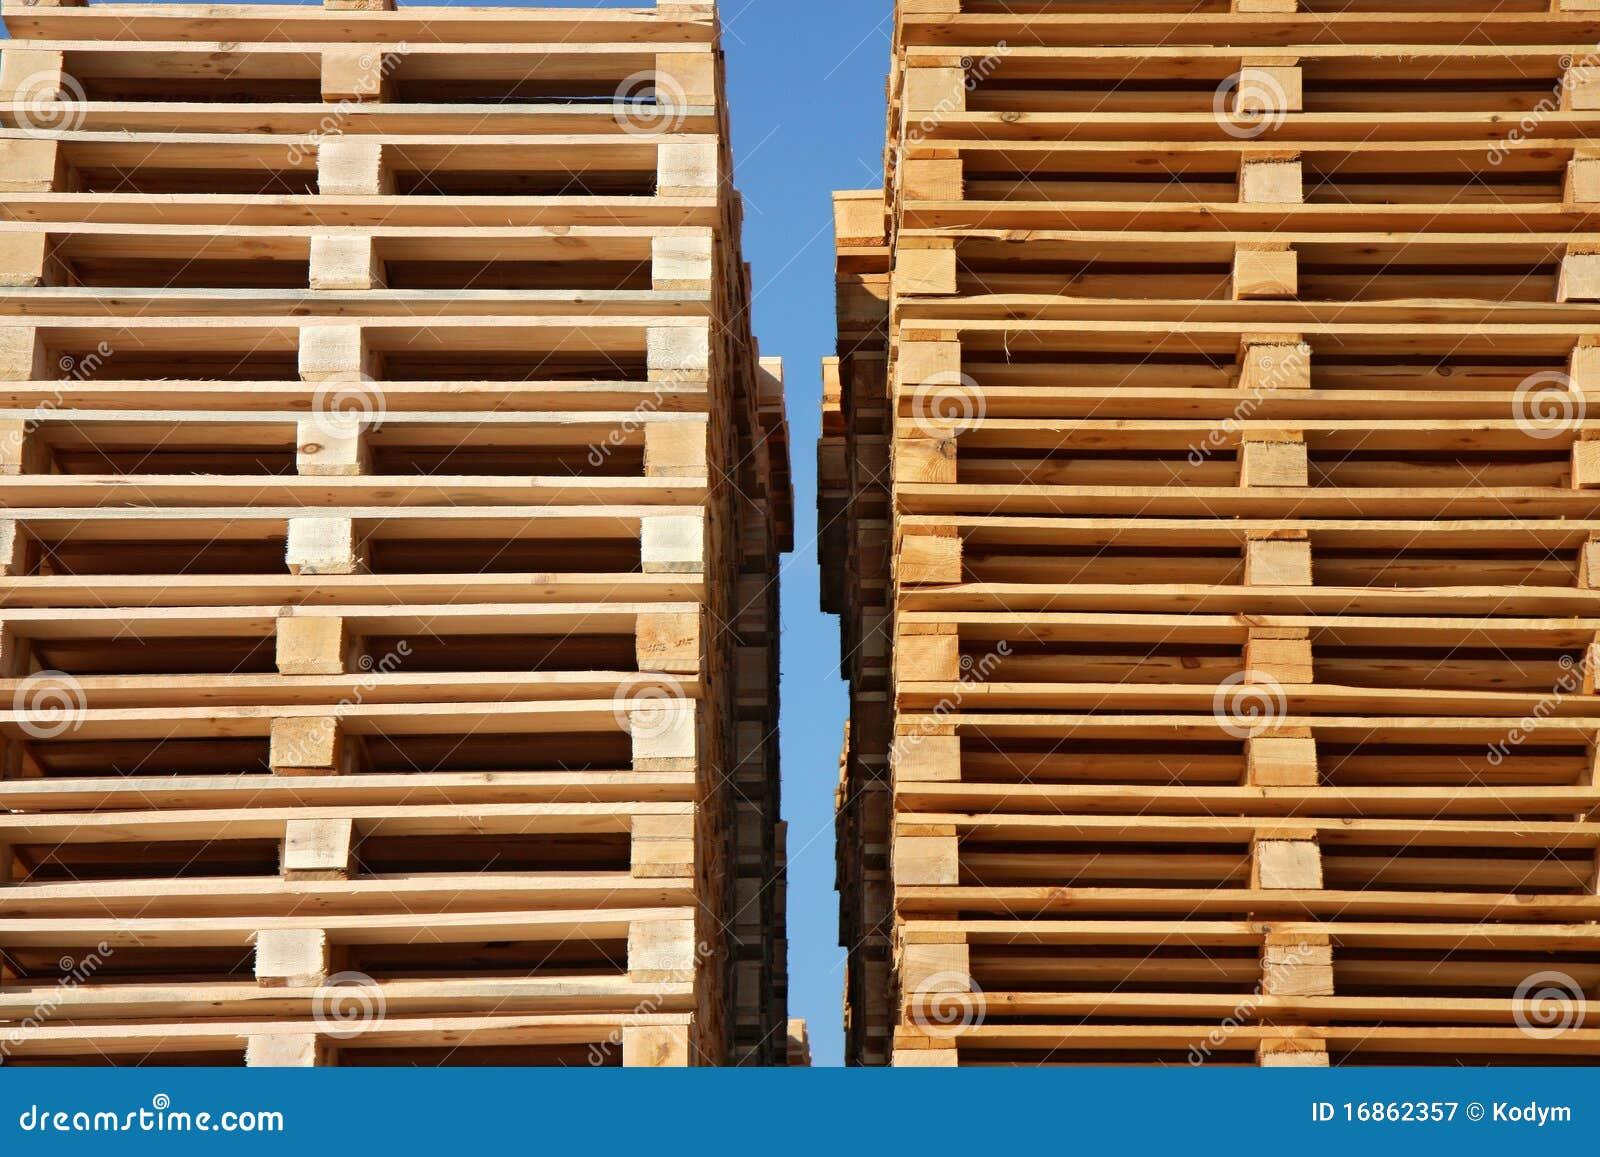 Paletas de madera hasta el cielo fotograf a de archivo for Paletas madera